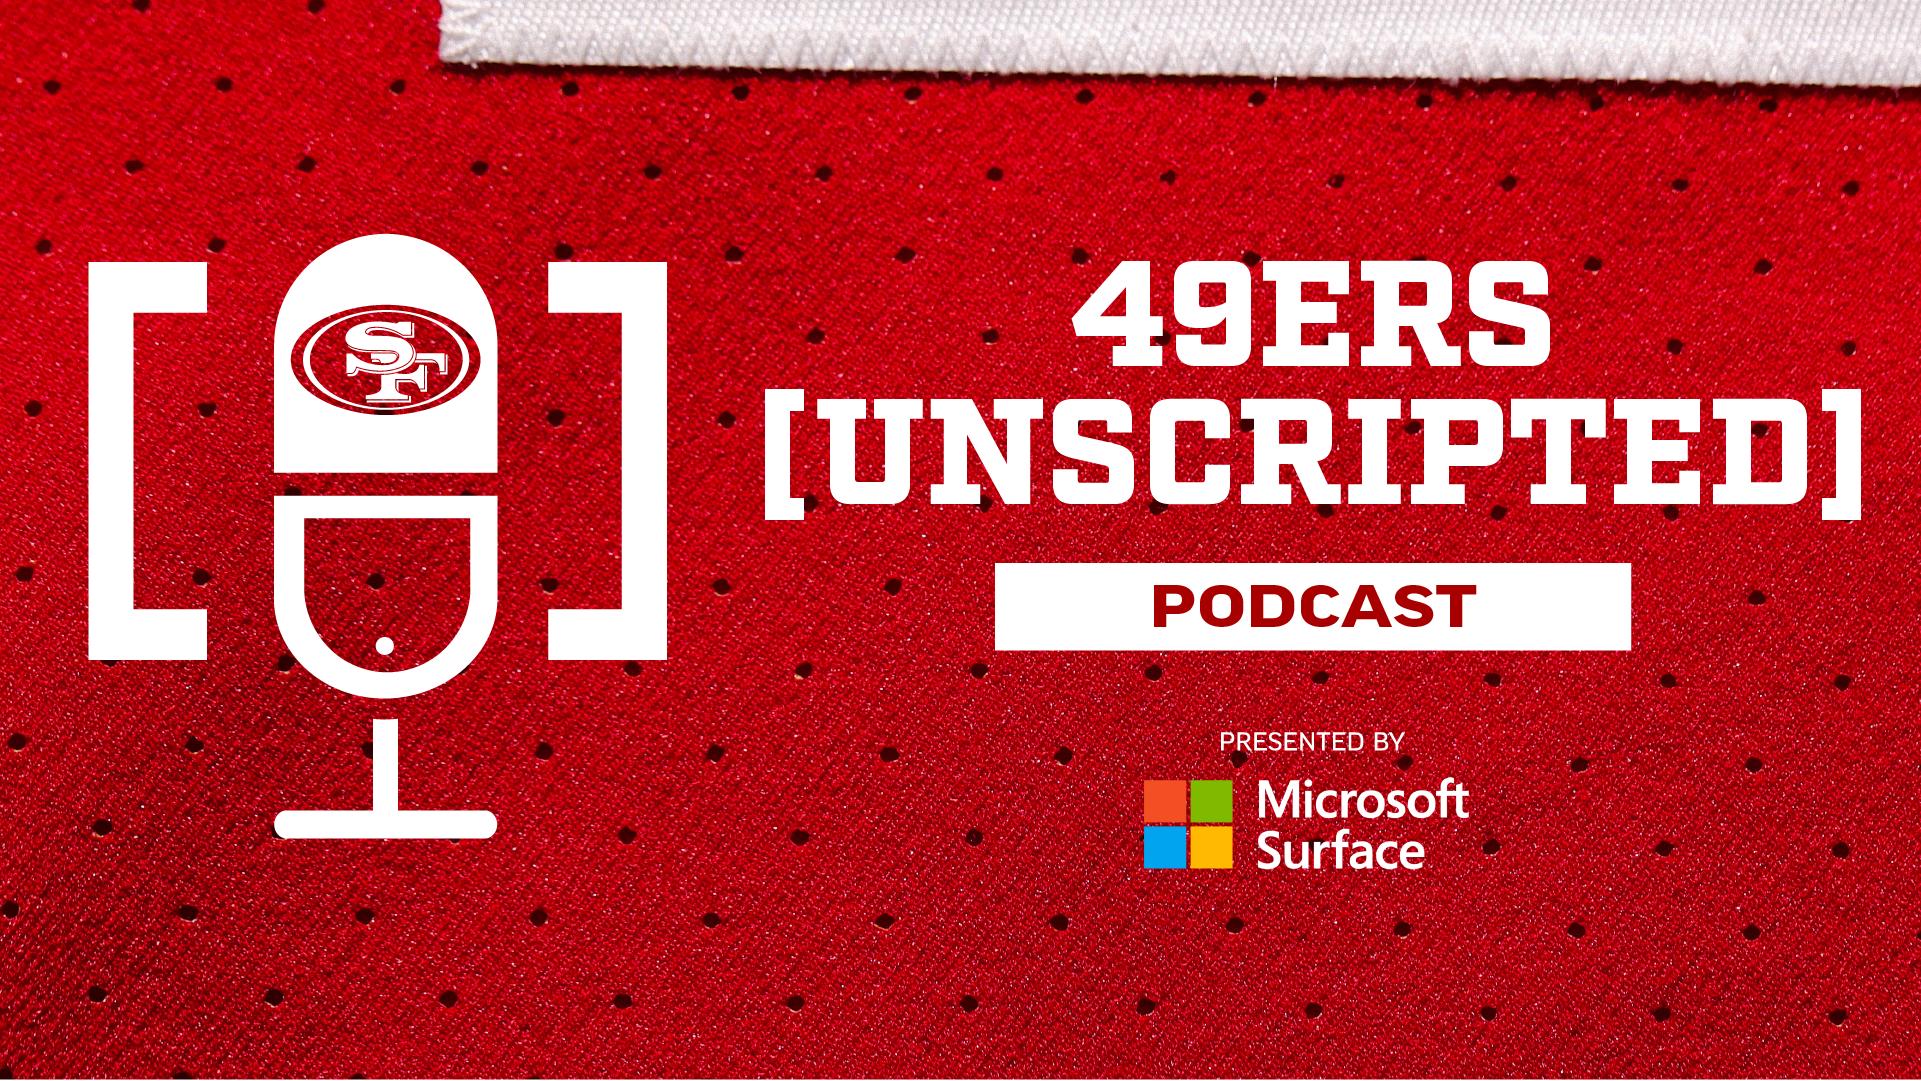 49ersUnscriptedPodcast-02